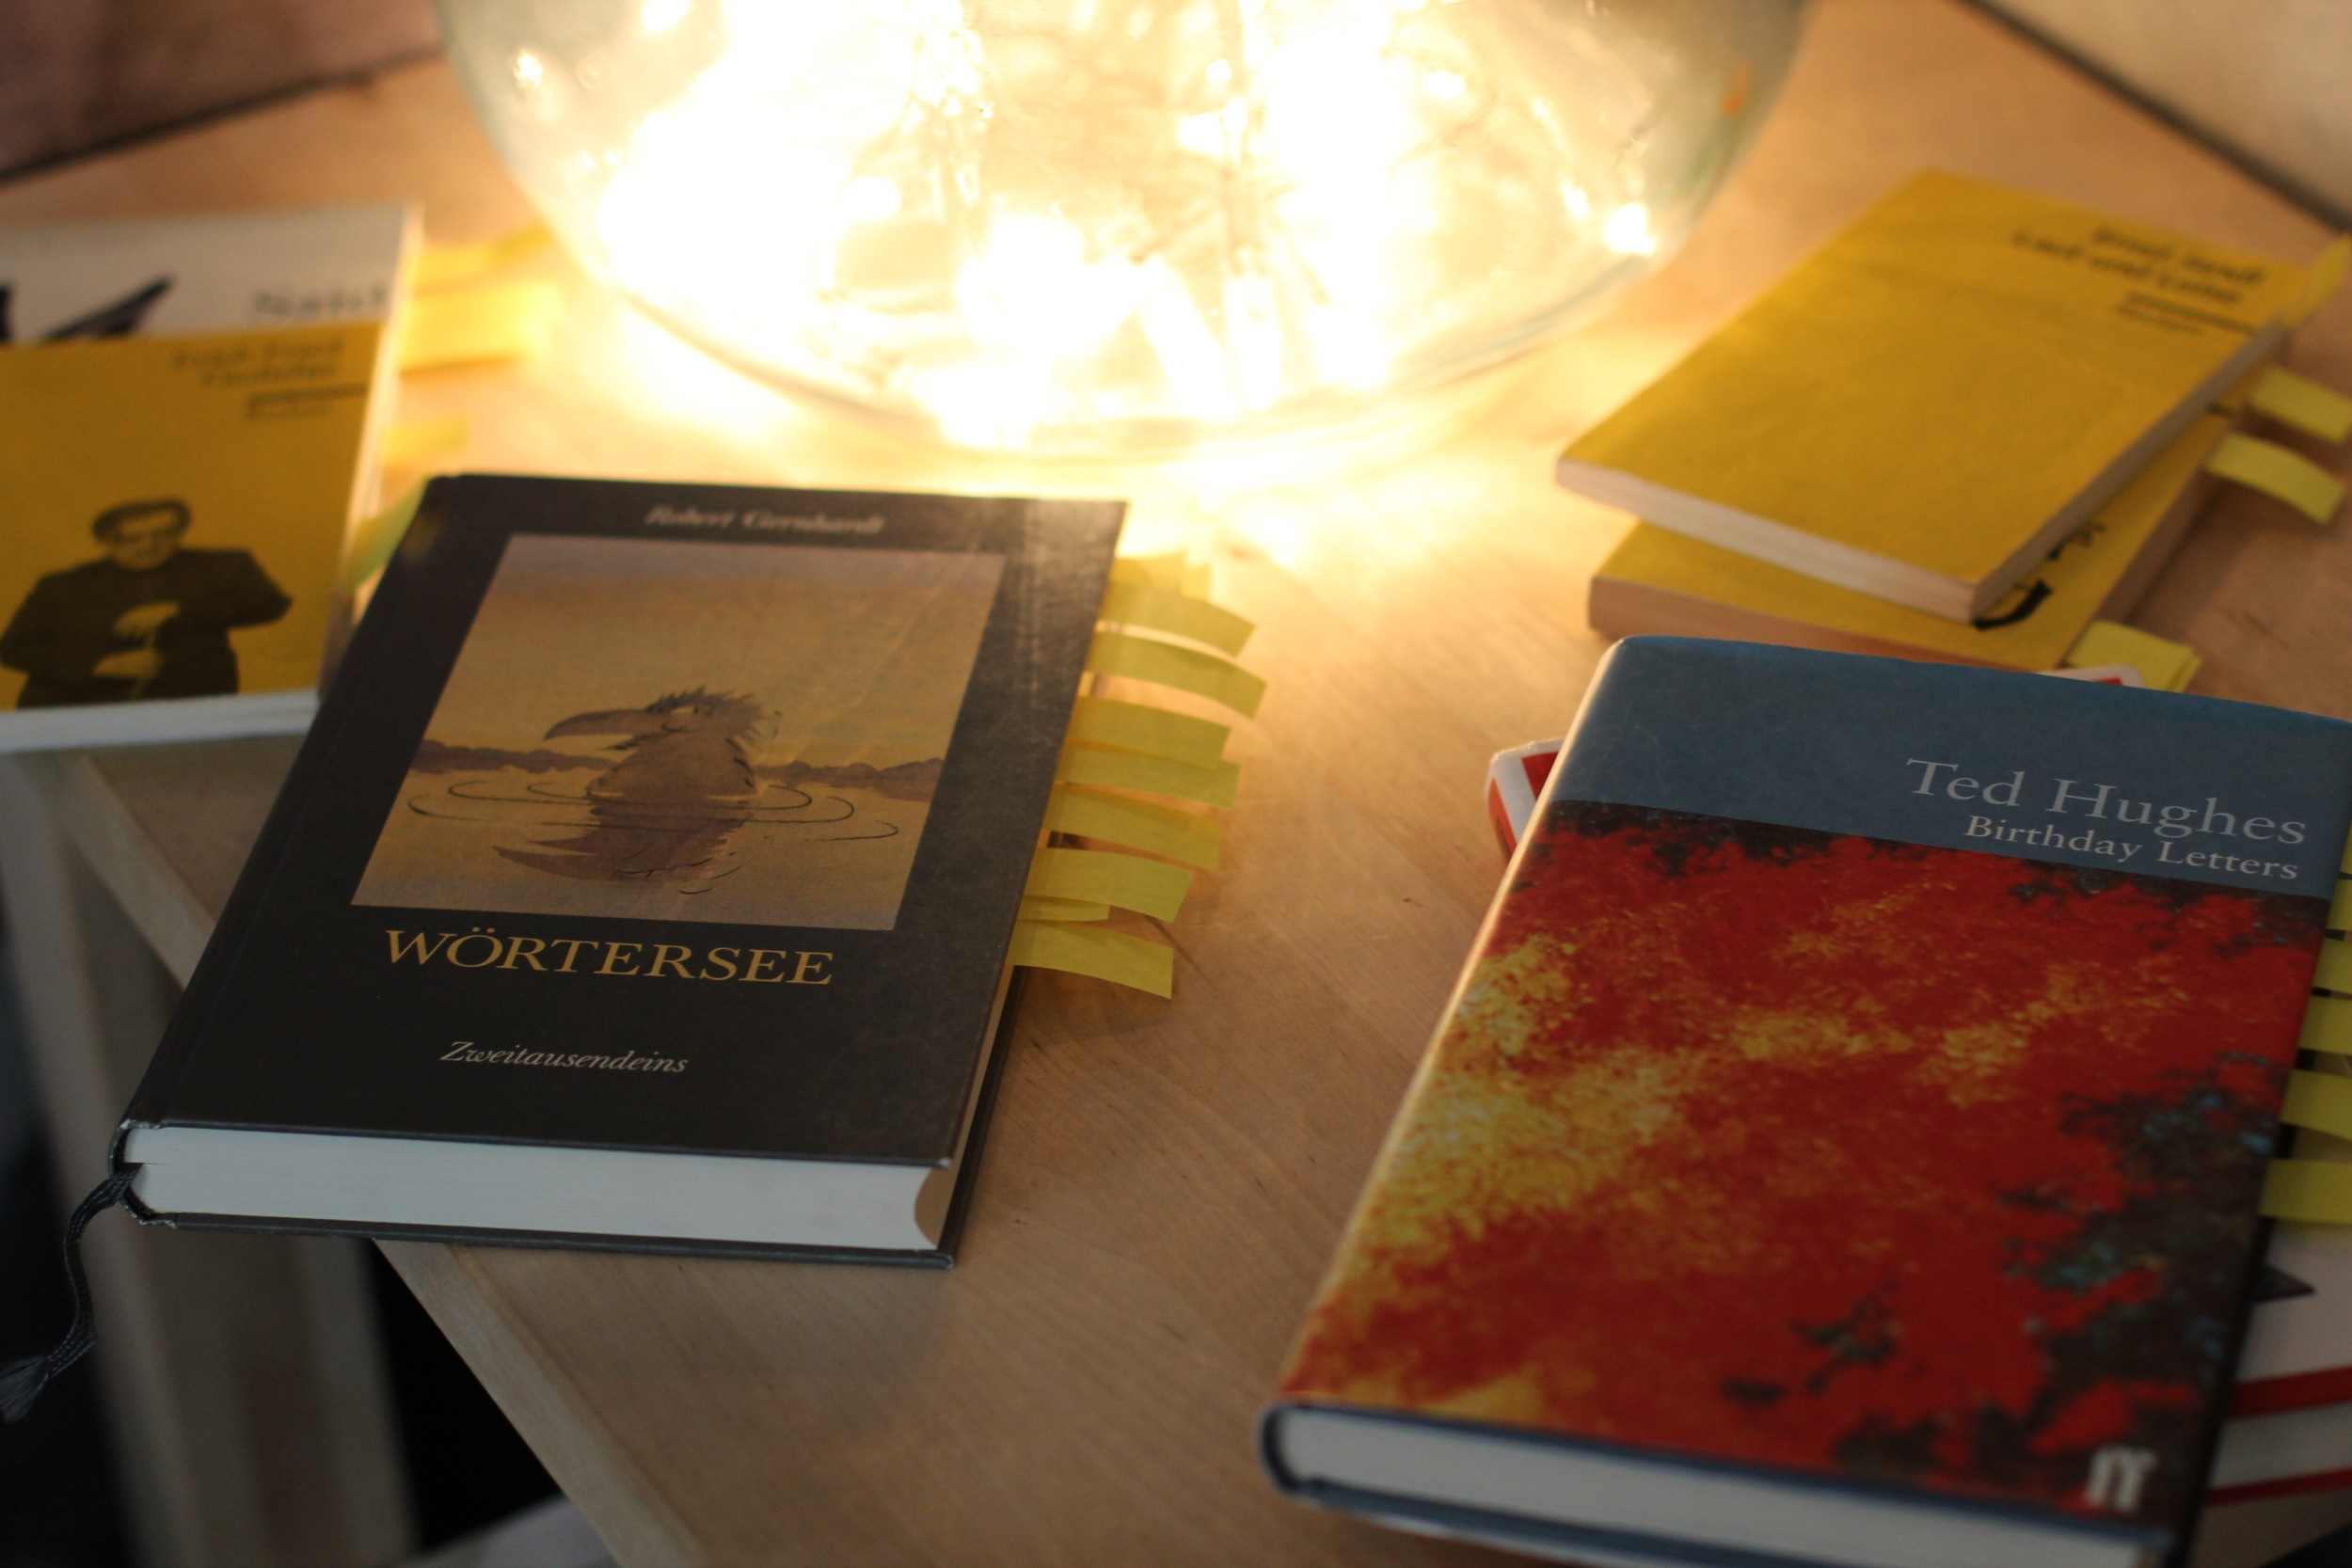 Eine Ecke mit Gedichtbänden, in denen einzelne Gedichte hervorgehoben wurden. Darunter im Regal: Modezeitschriften.